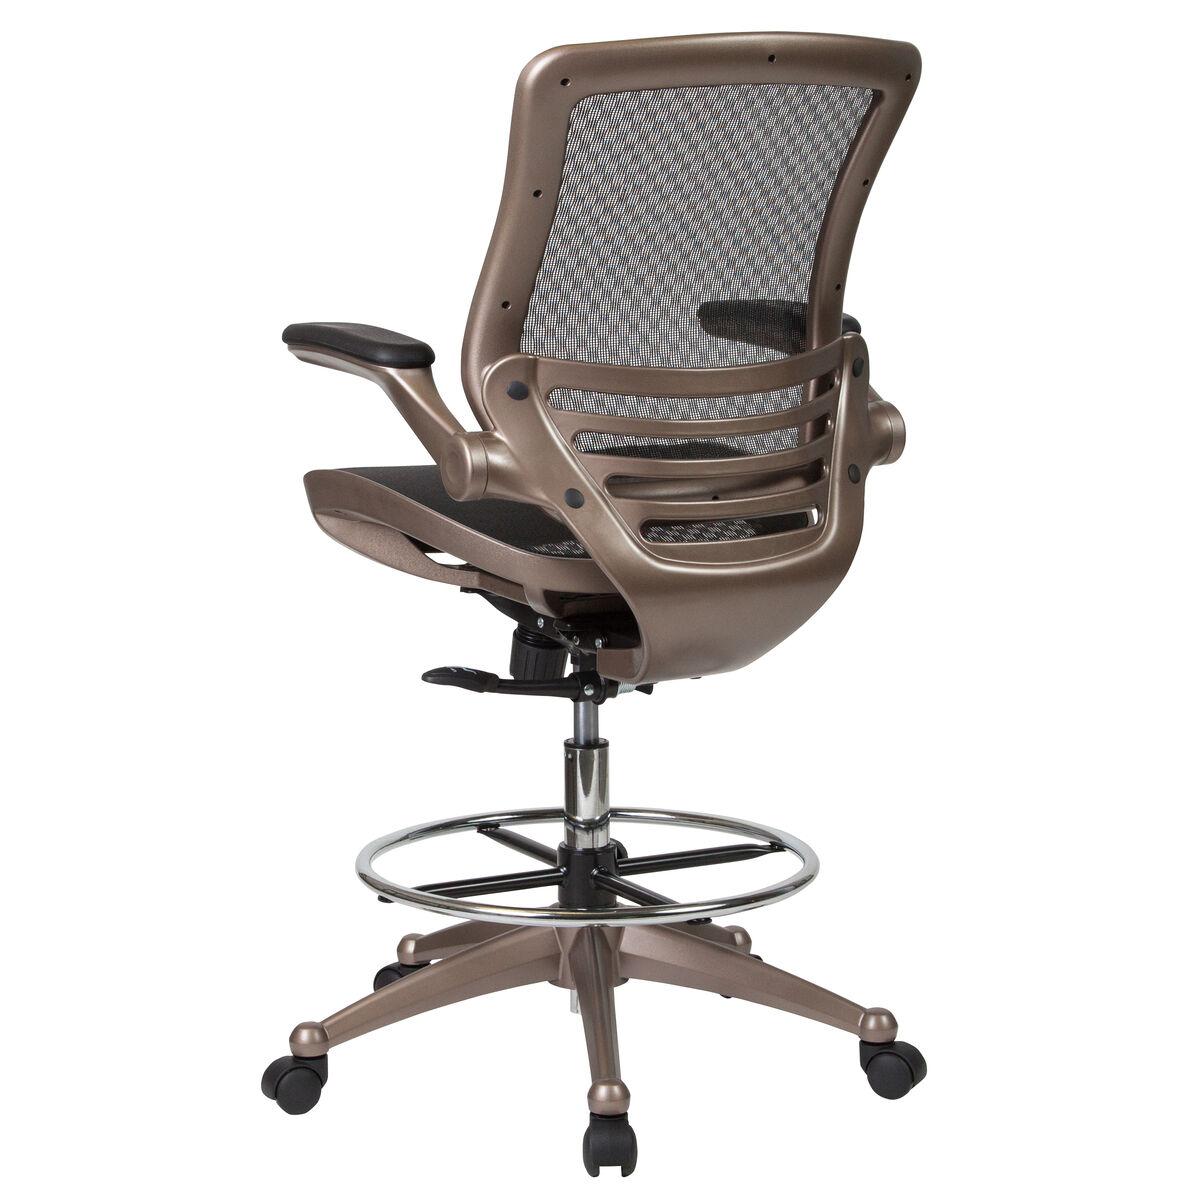 black mesh drafting chair bl lb 8801x d gg churchchairs4less com